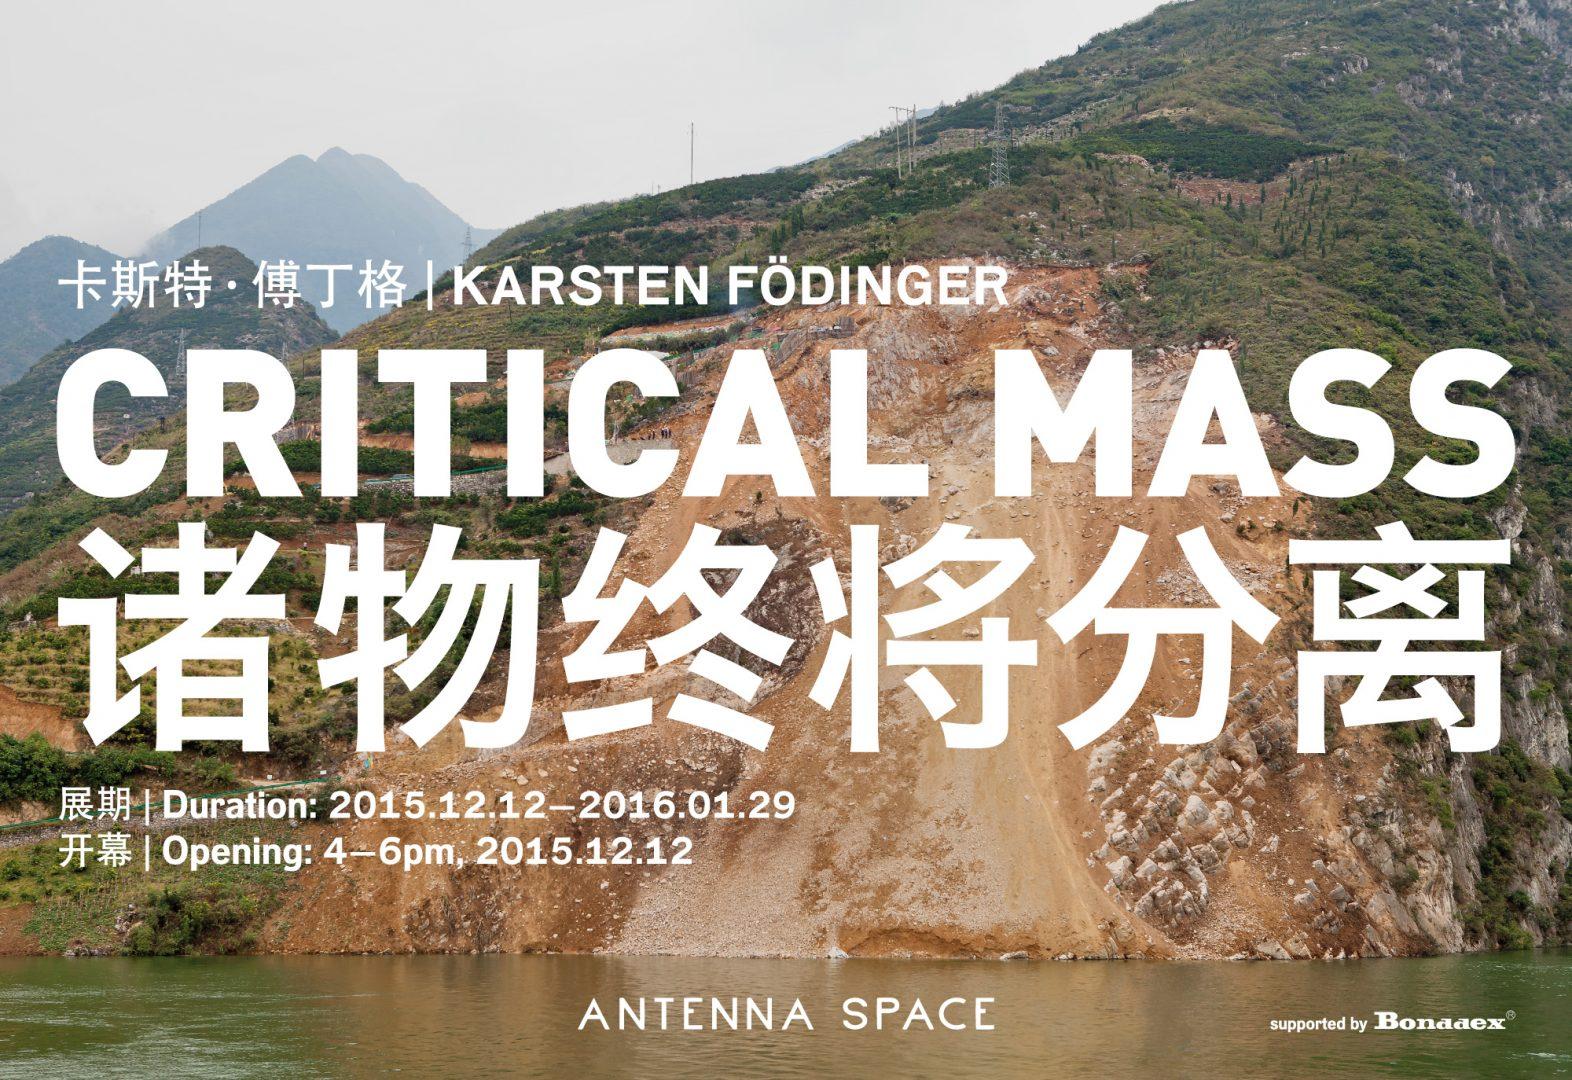 Karsten Födinger: The Critical Mass